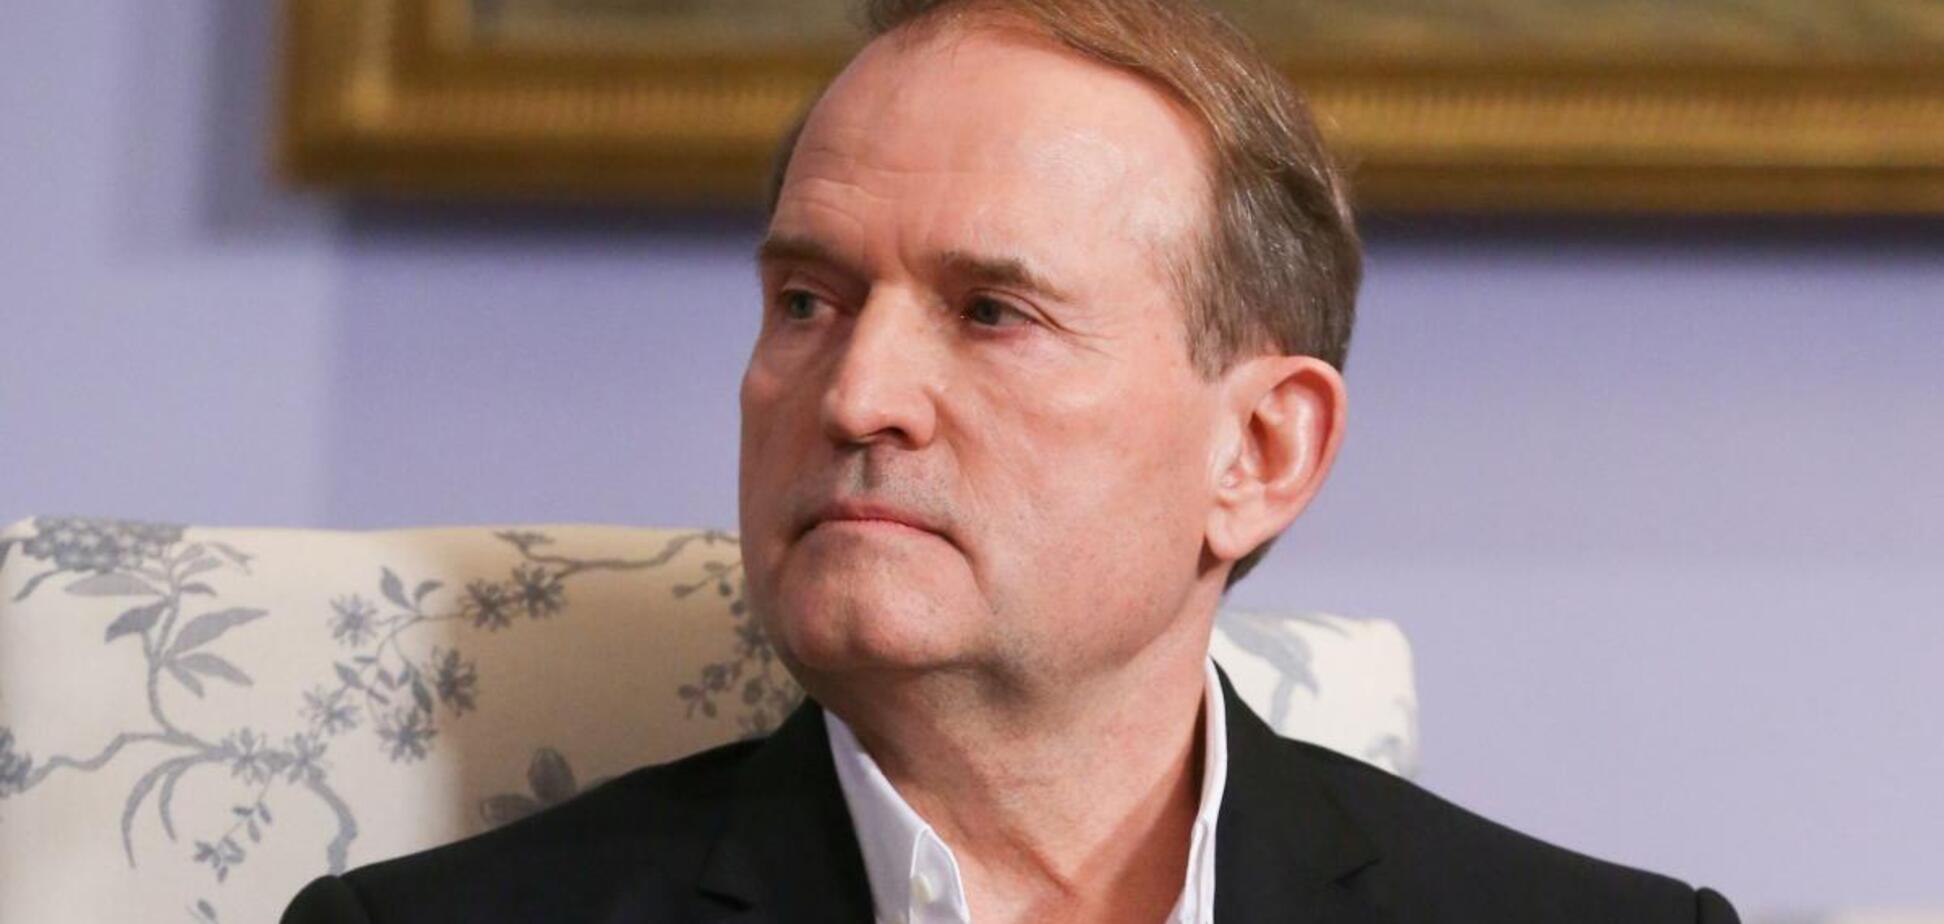 Медведчук прибыл в Офис Генпрокурора и заявил, что готов к аресту. Видео